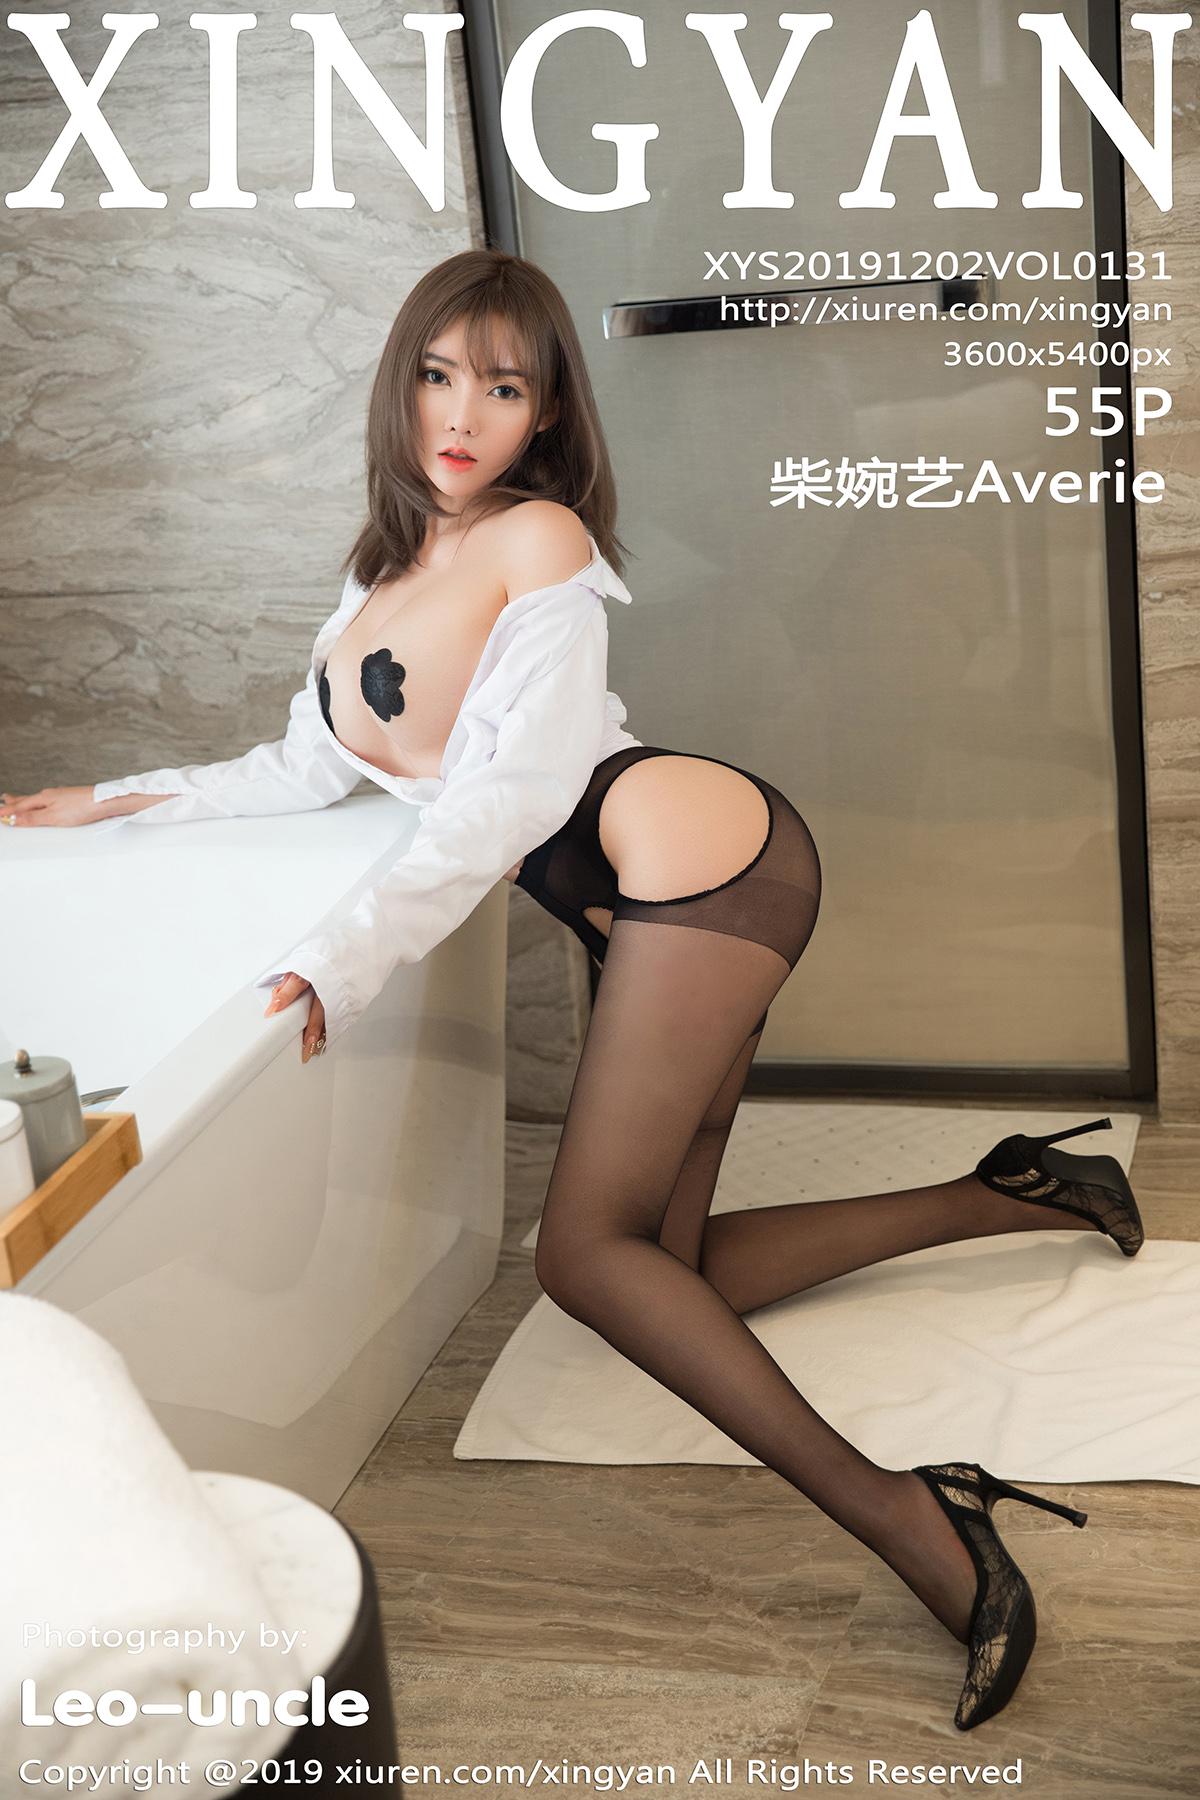 XingYan Vol.131